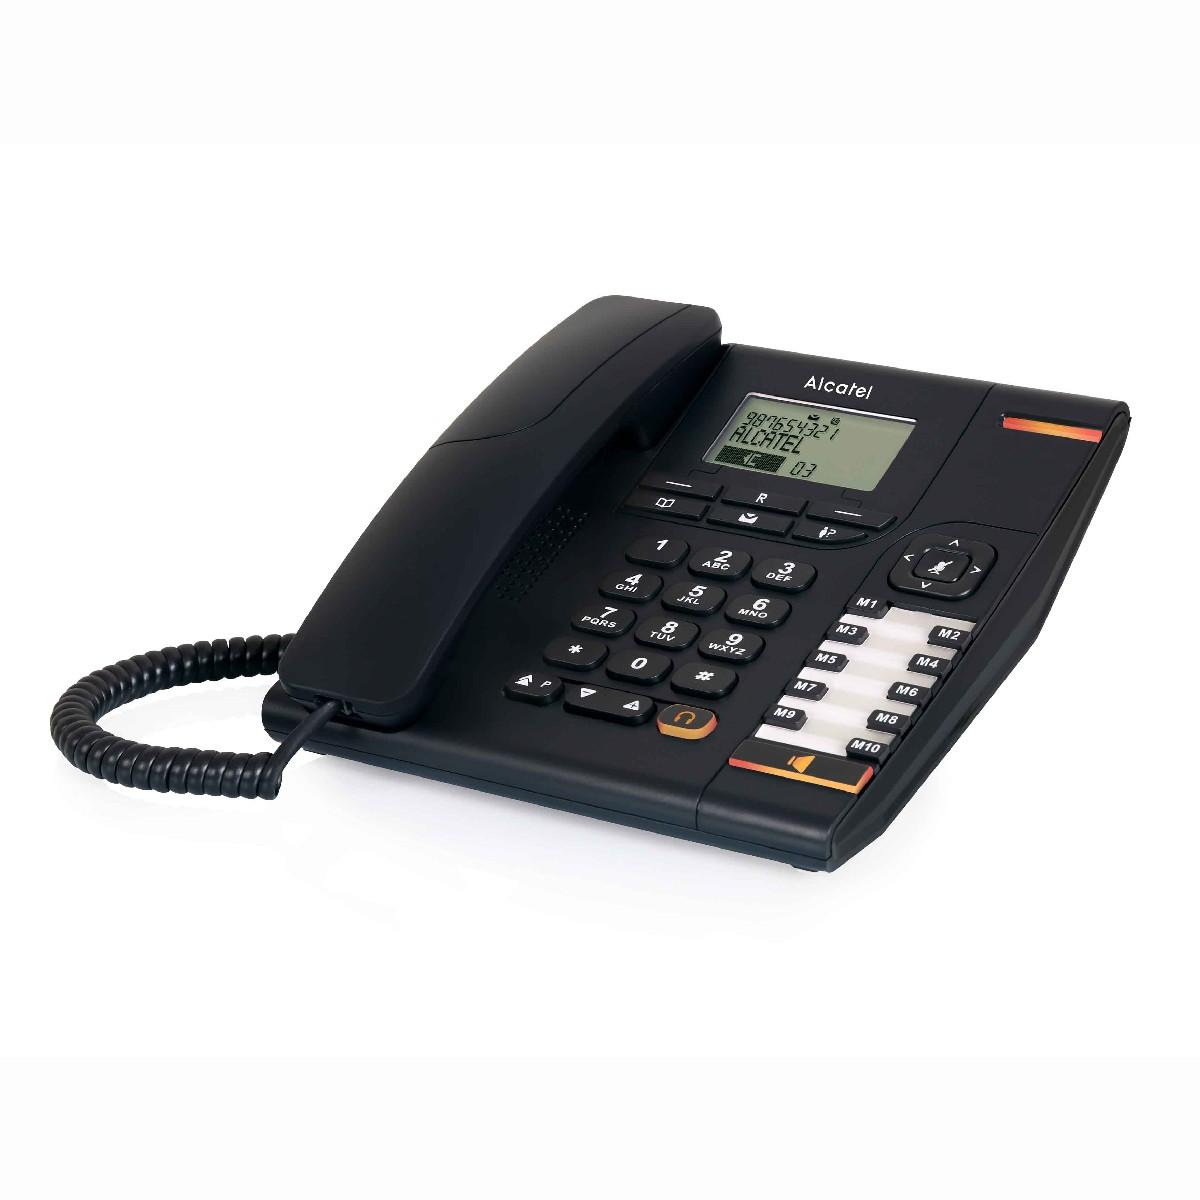 Σταθερό Ψηφιακό Τηλέφωνο Alcatel Temporis 880 Μαύρο, με Μεγάλη  Οθόνη, Ανοιχτή Ακρόαση και Υποδοχή Σύνδεσης Ακουστικού Κεφαλής (RJ9)